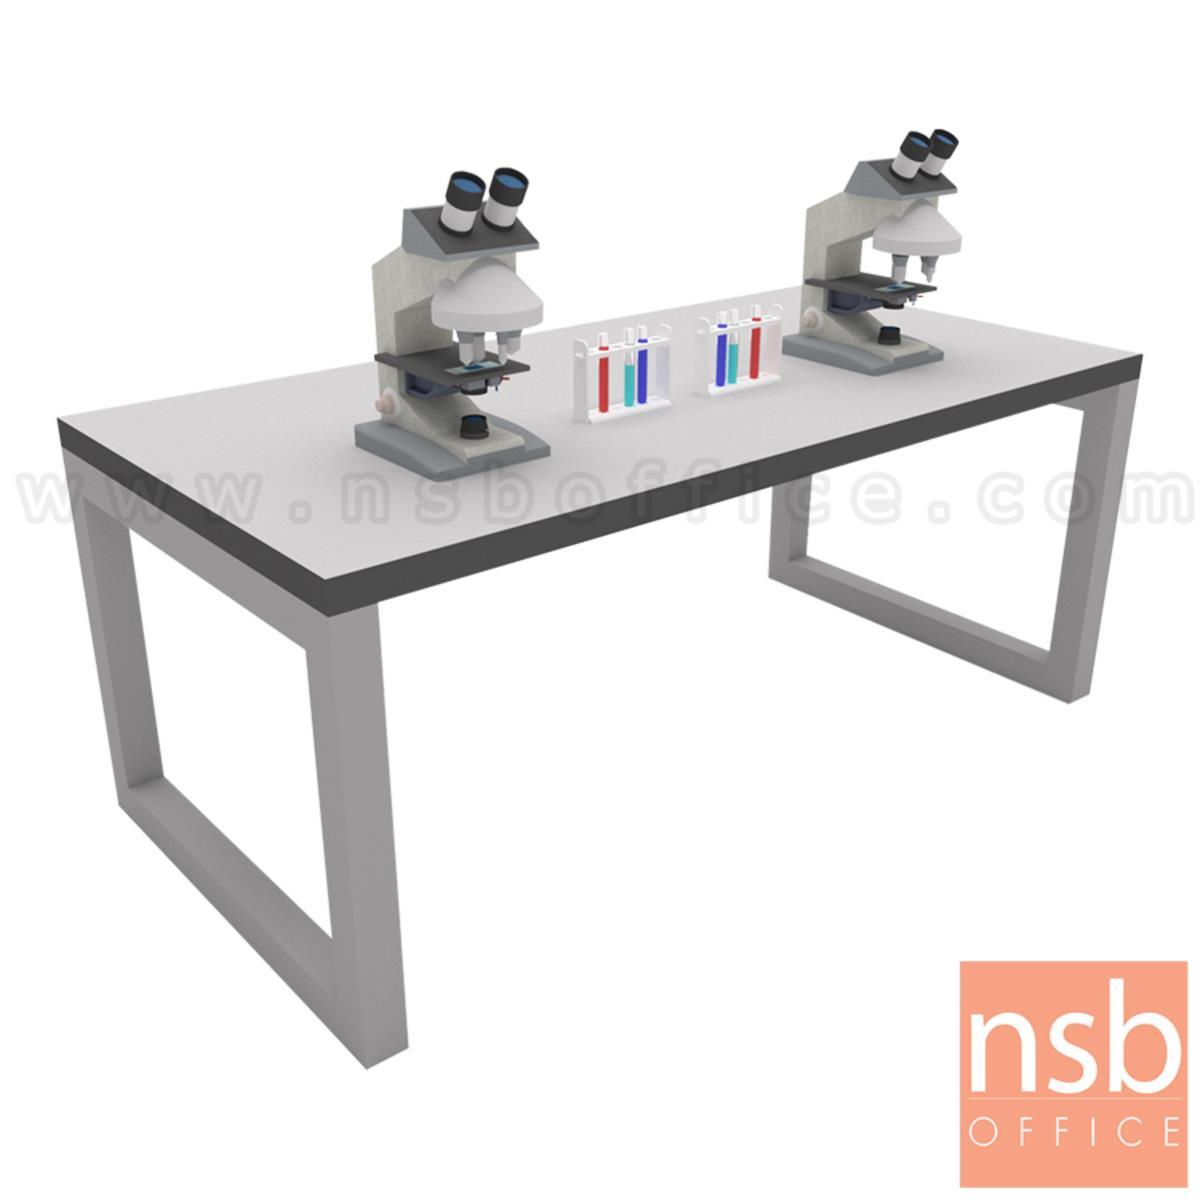 โต๊ะงานทดลอง หน้า TOP คอมแพคลามิเนต  รุ่น BNS-1342 150W, 180W, 200W ขาเหล็ก EPOXY